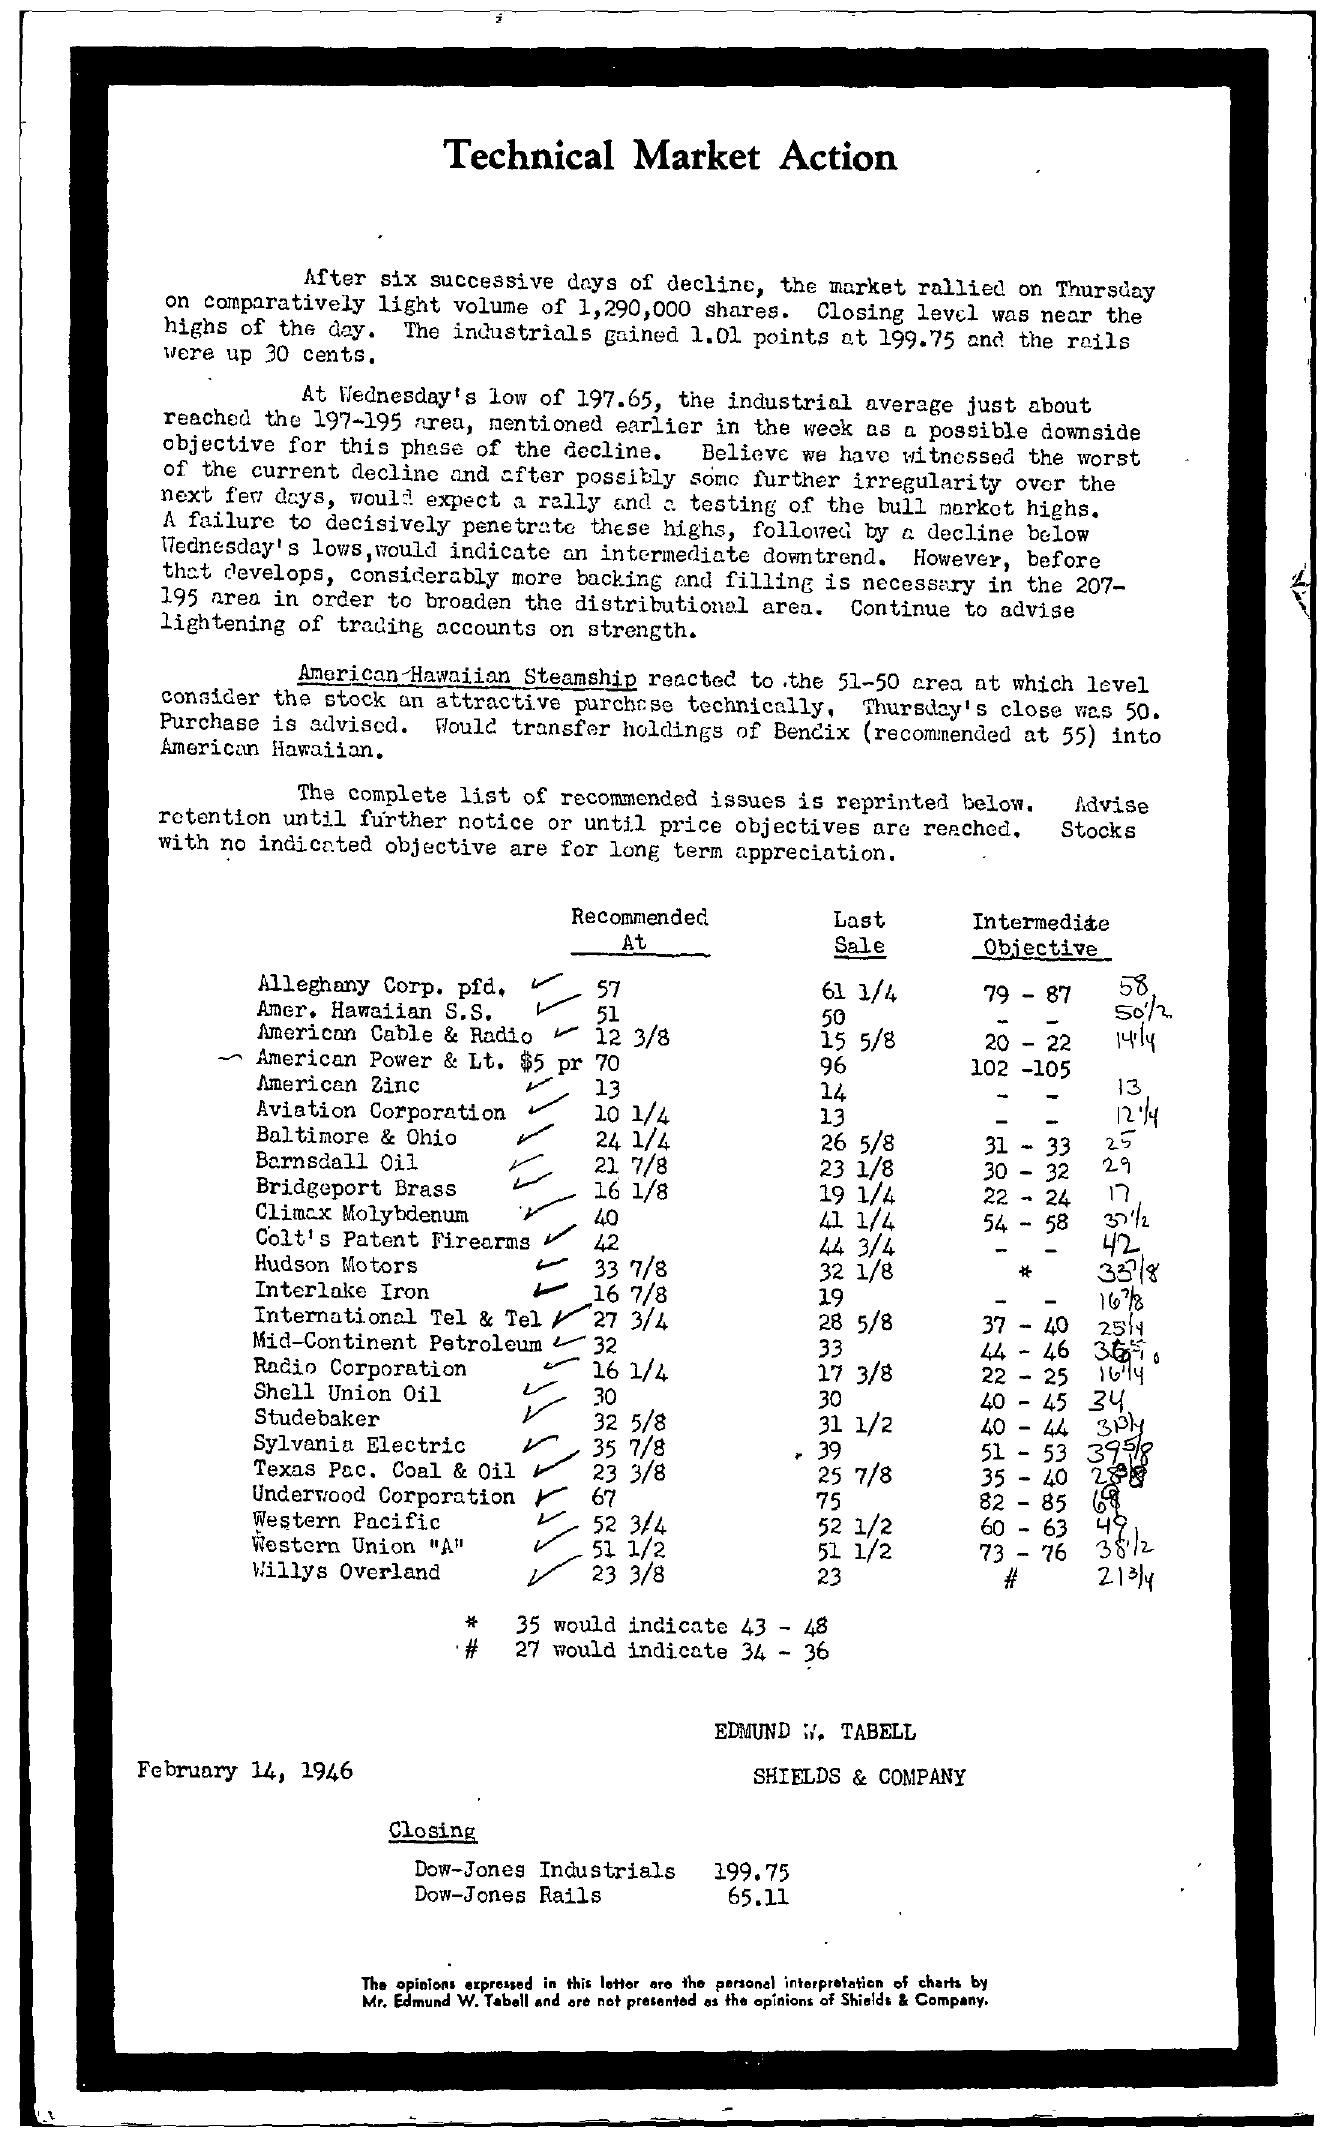 Tabell's Market Letter - February 14, 1946